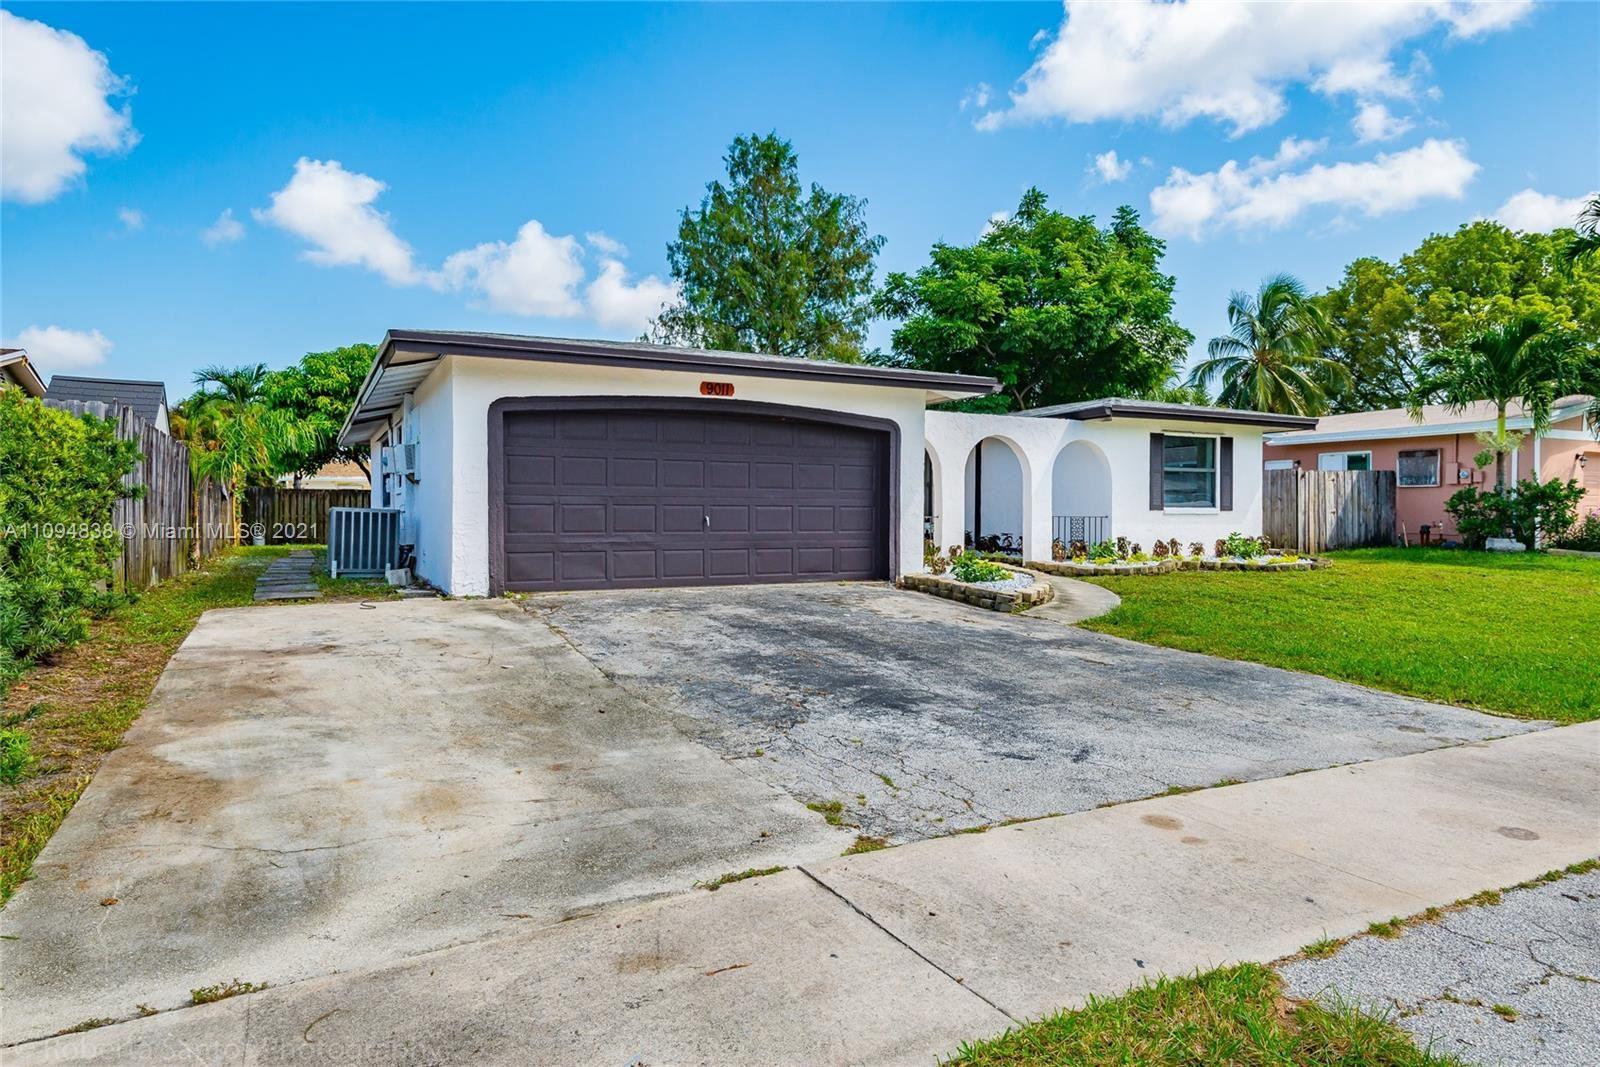 9011 NW 19th St, Pembroke Pines, FL 33024 - #: A11094838